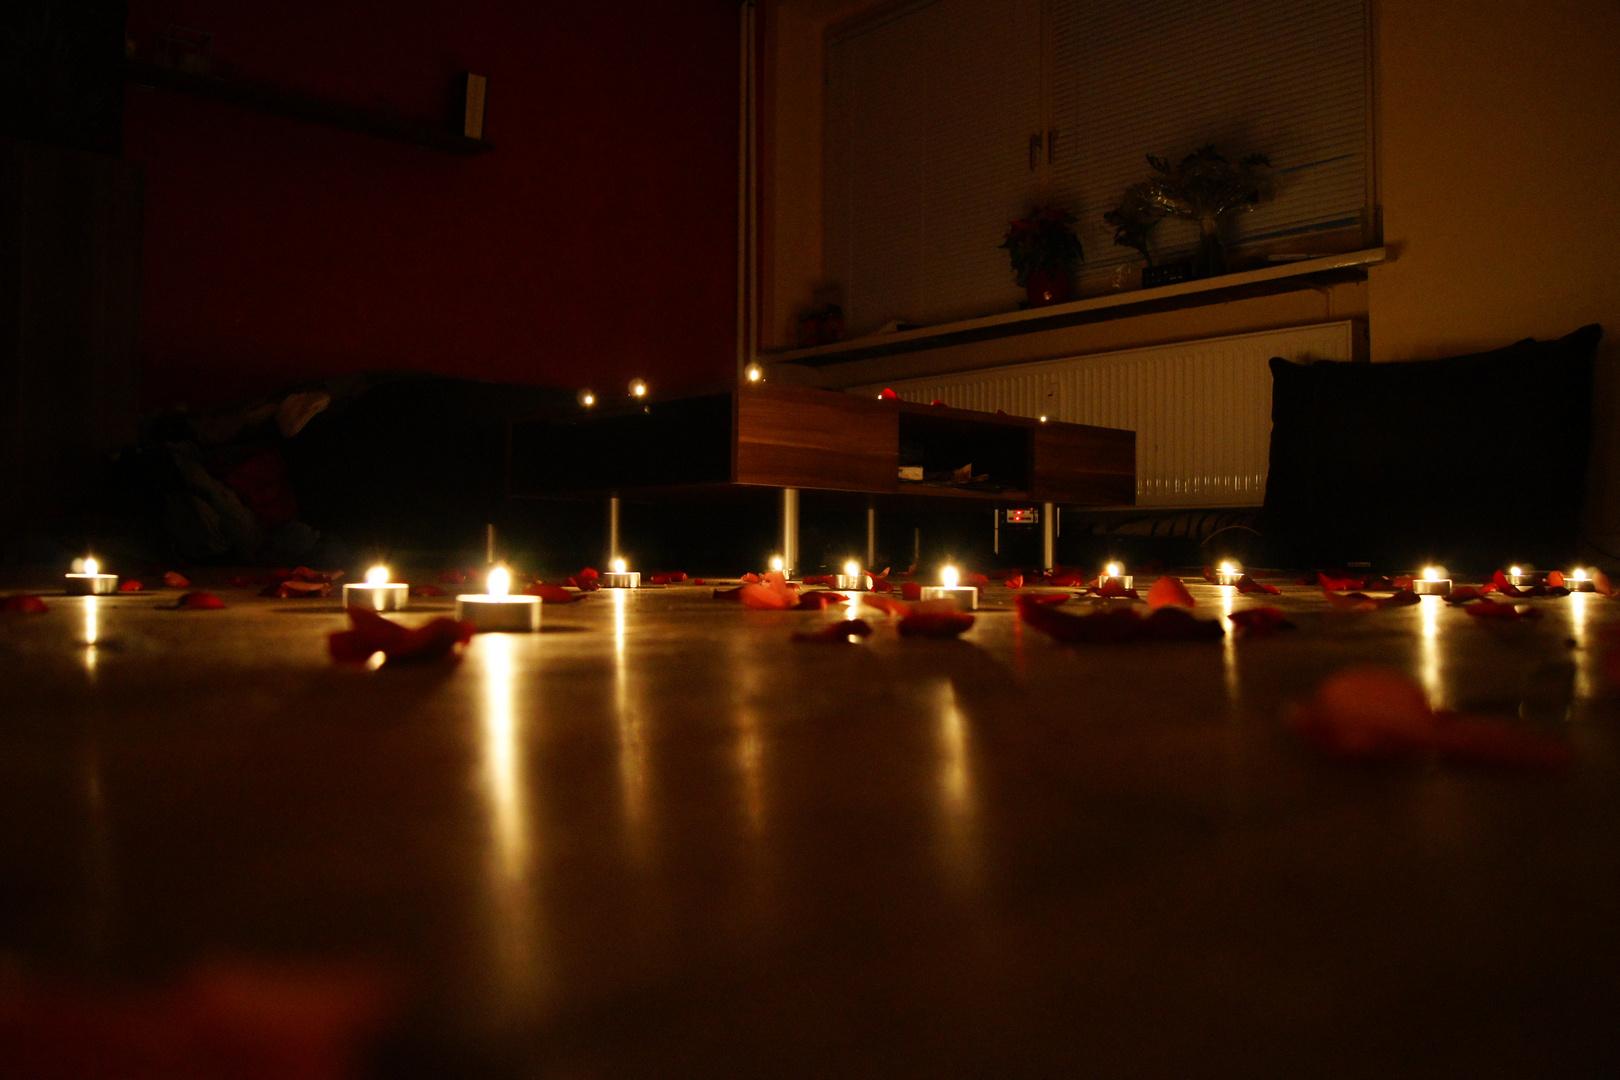 romantisch mit kerzen 2 foto bild emotionen romantik spezial bilder auf fotocommunity. Black Bedroom Furniture Sets. Home Design Ideas